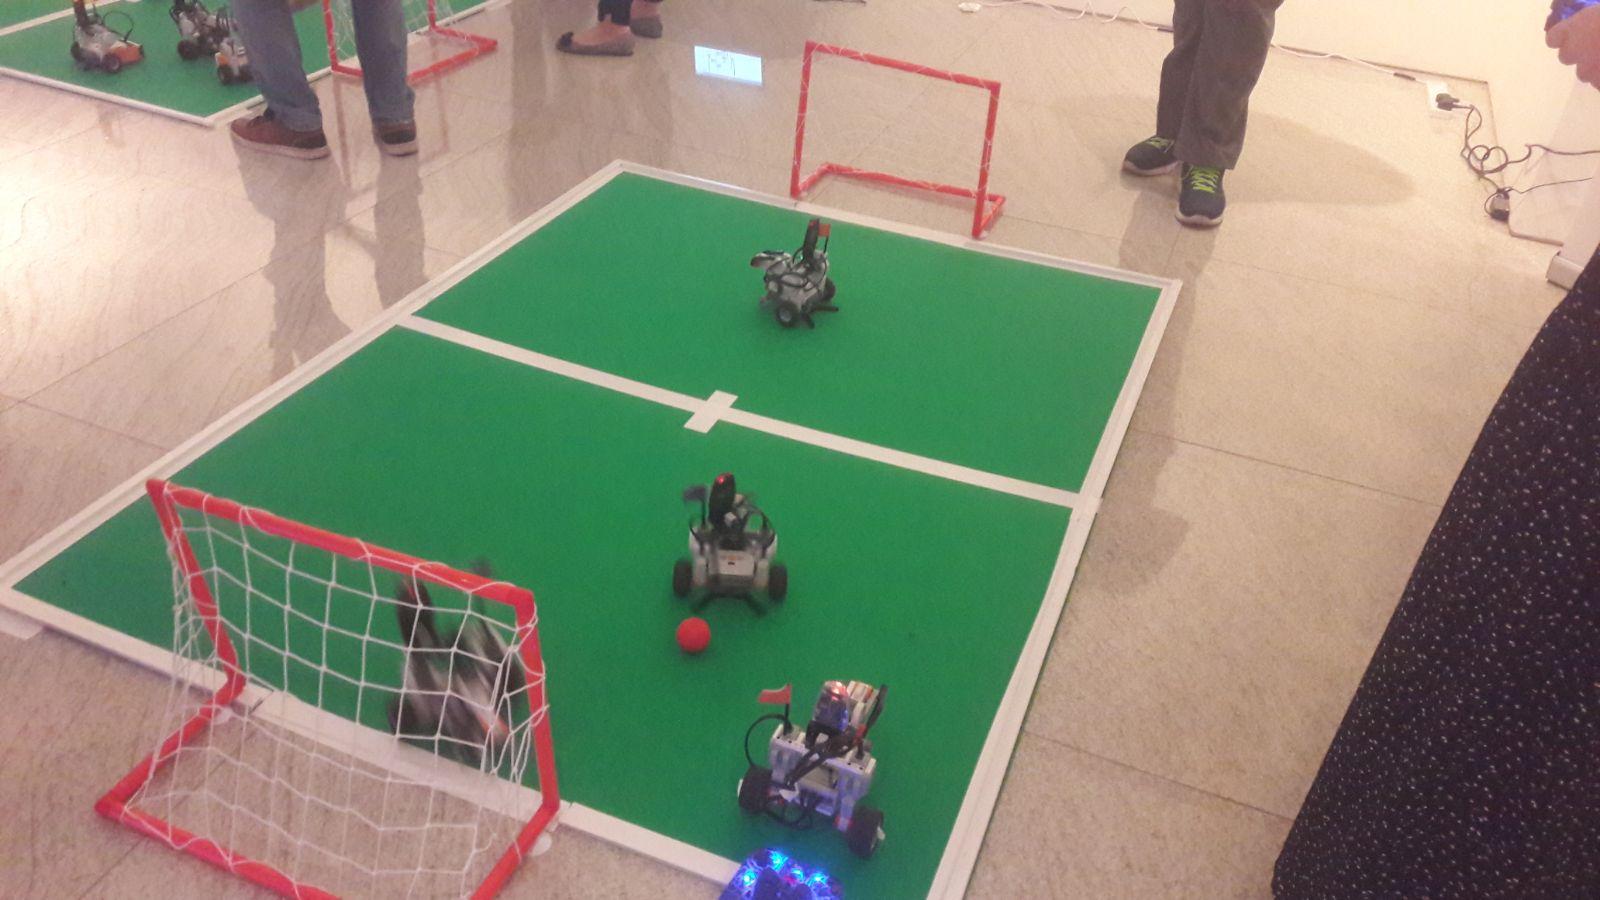 Robo-Sports?